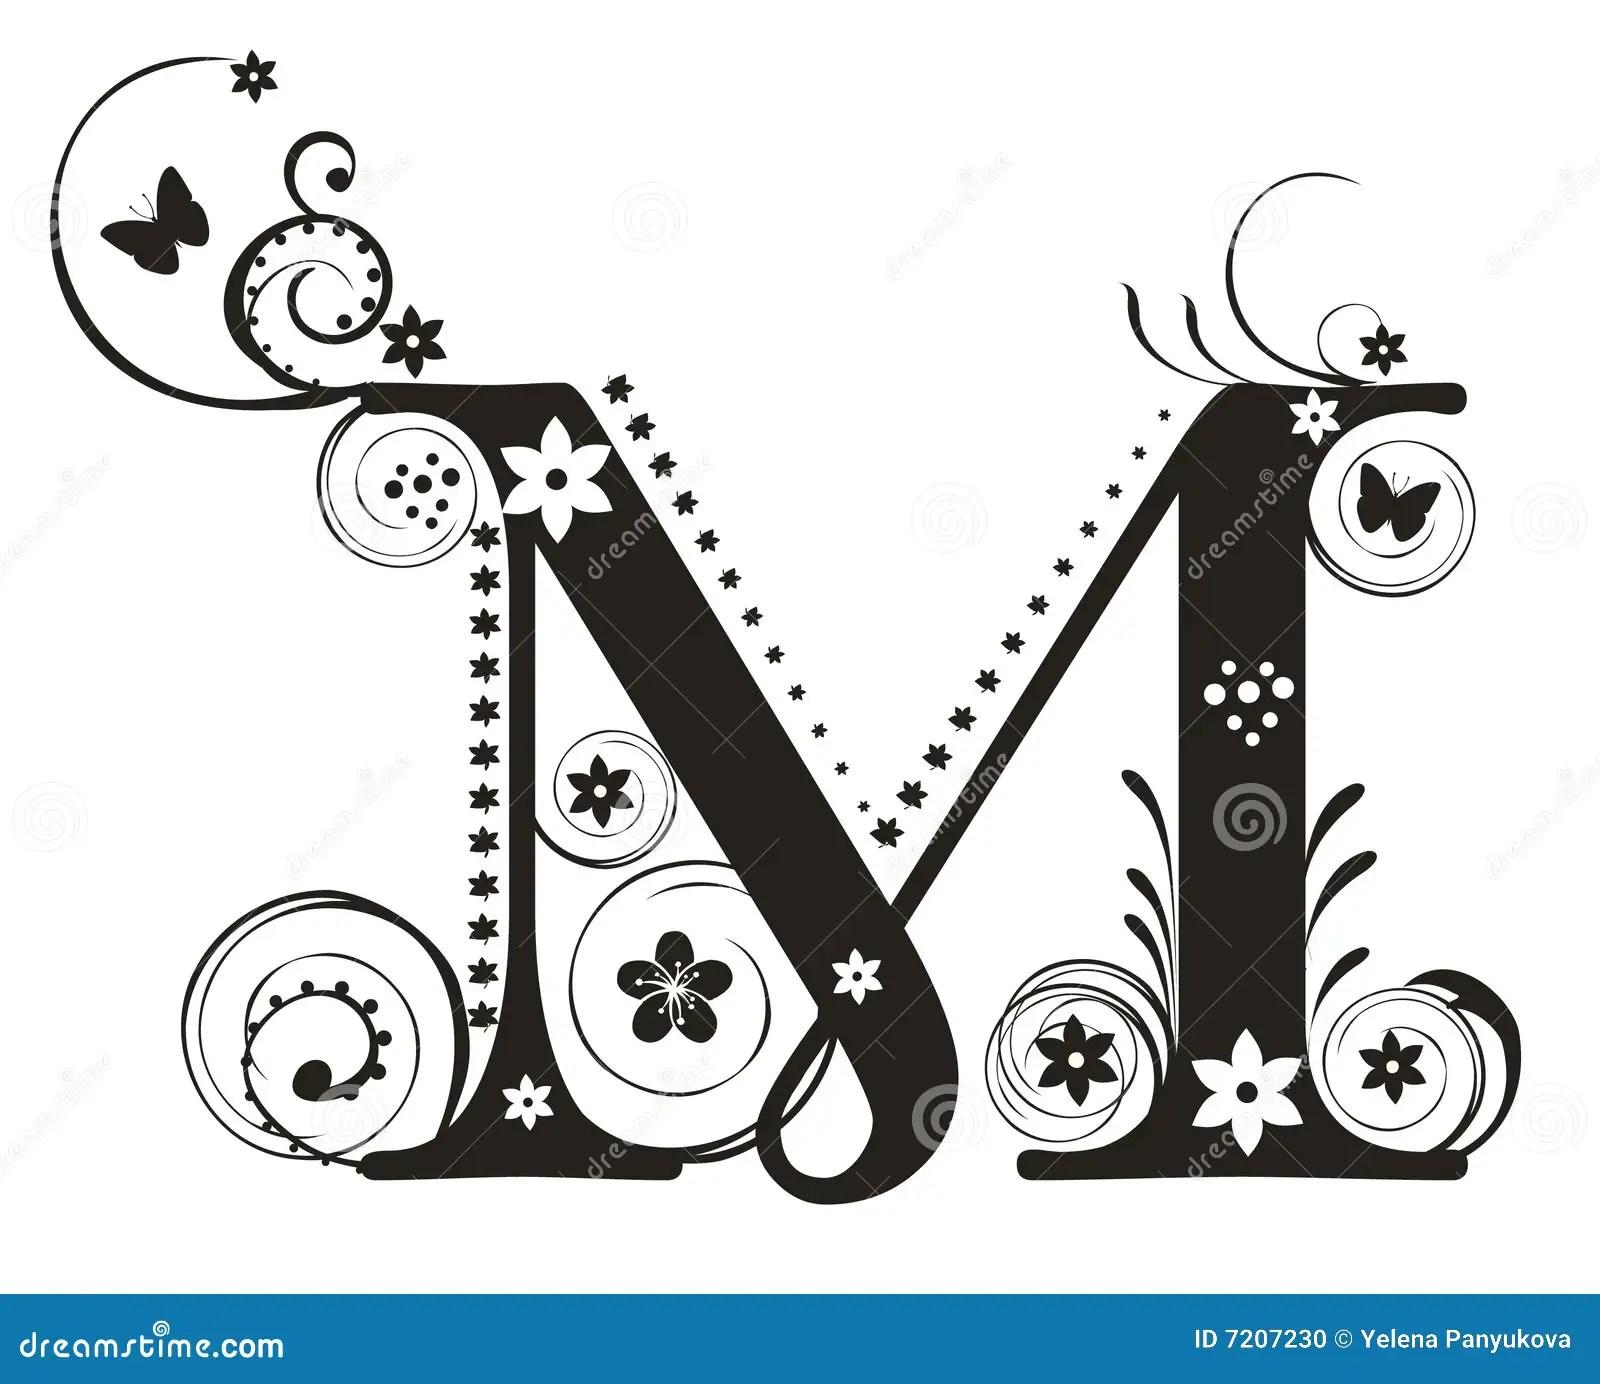 Letter M Stock Vector Illustration Of Illustration